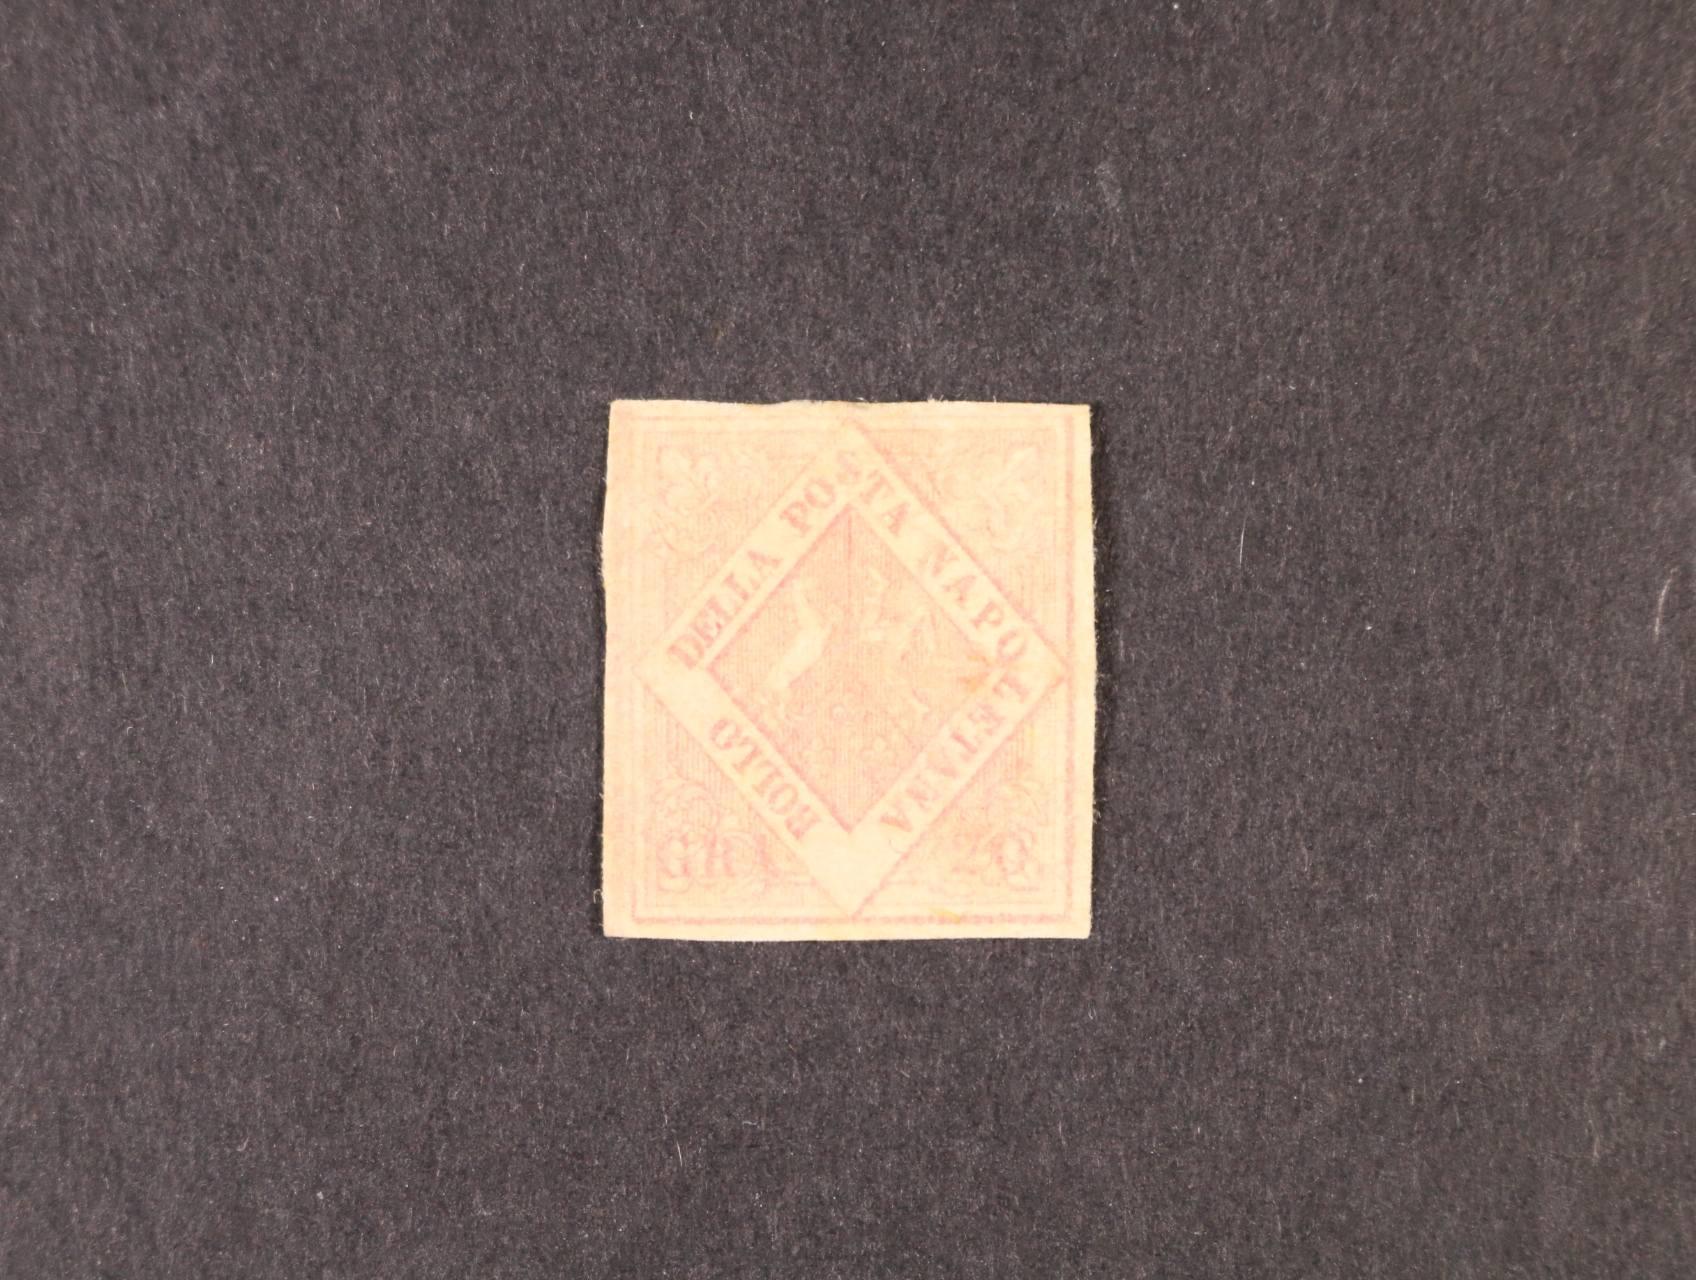 Neapol - zn. Sassone č. 13 IIa, zk. Köhler, zlatý atest Raybaudi, velmi dobrá kvalita, 22000 EUR